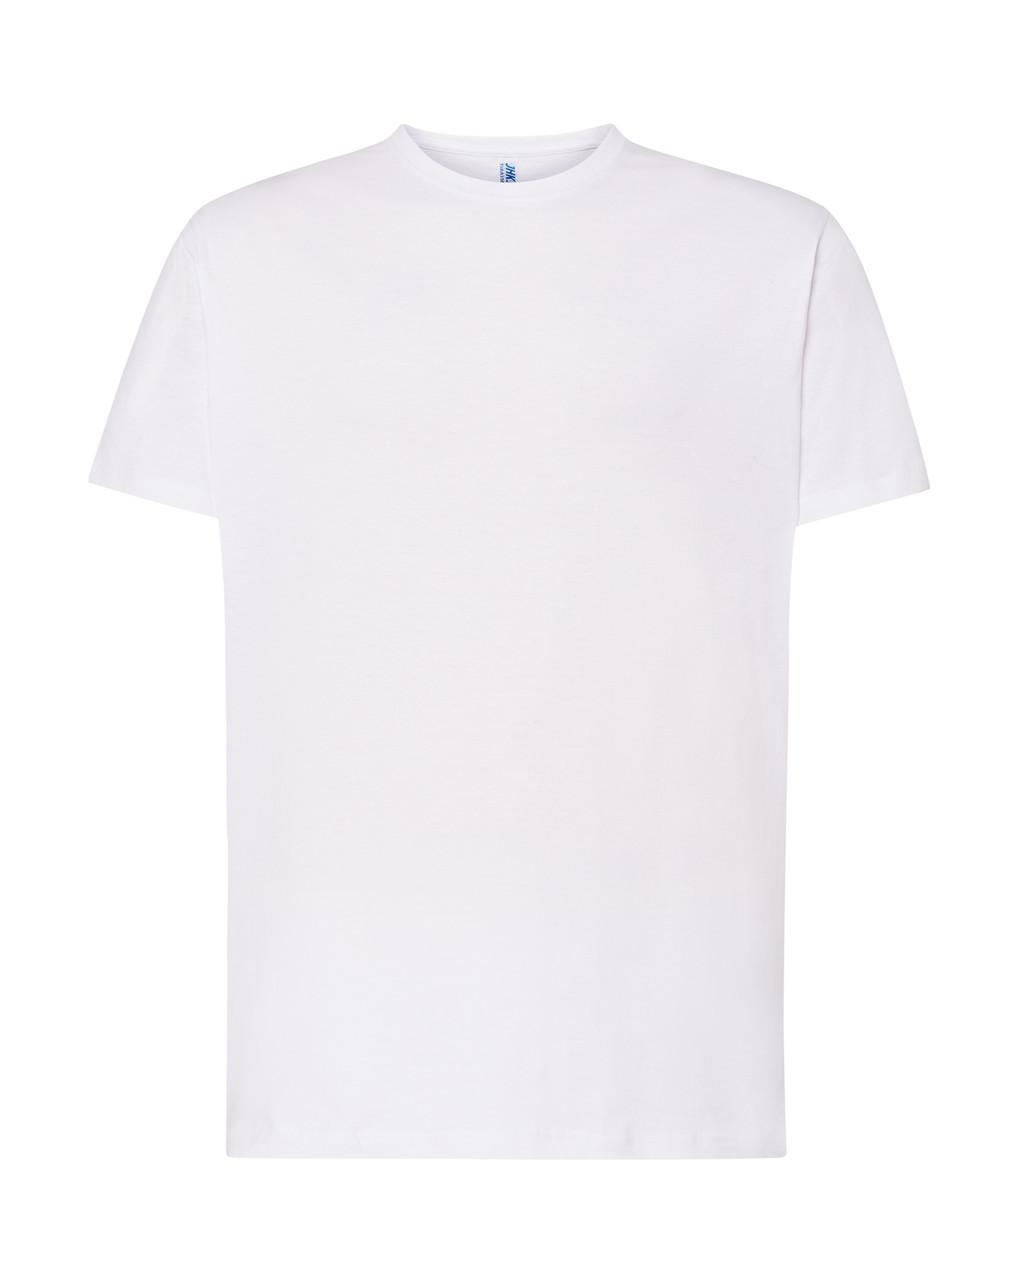 Мужская футболка JHK REGULAR PREMIUM T-SHIRT цвет белый (WH)